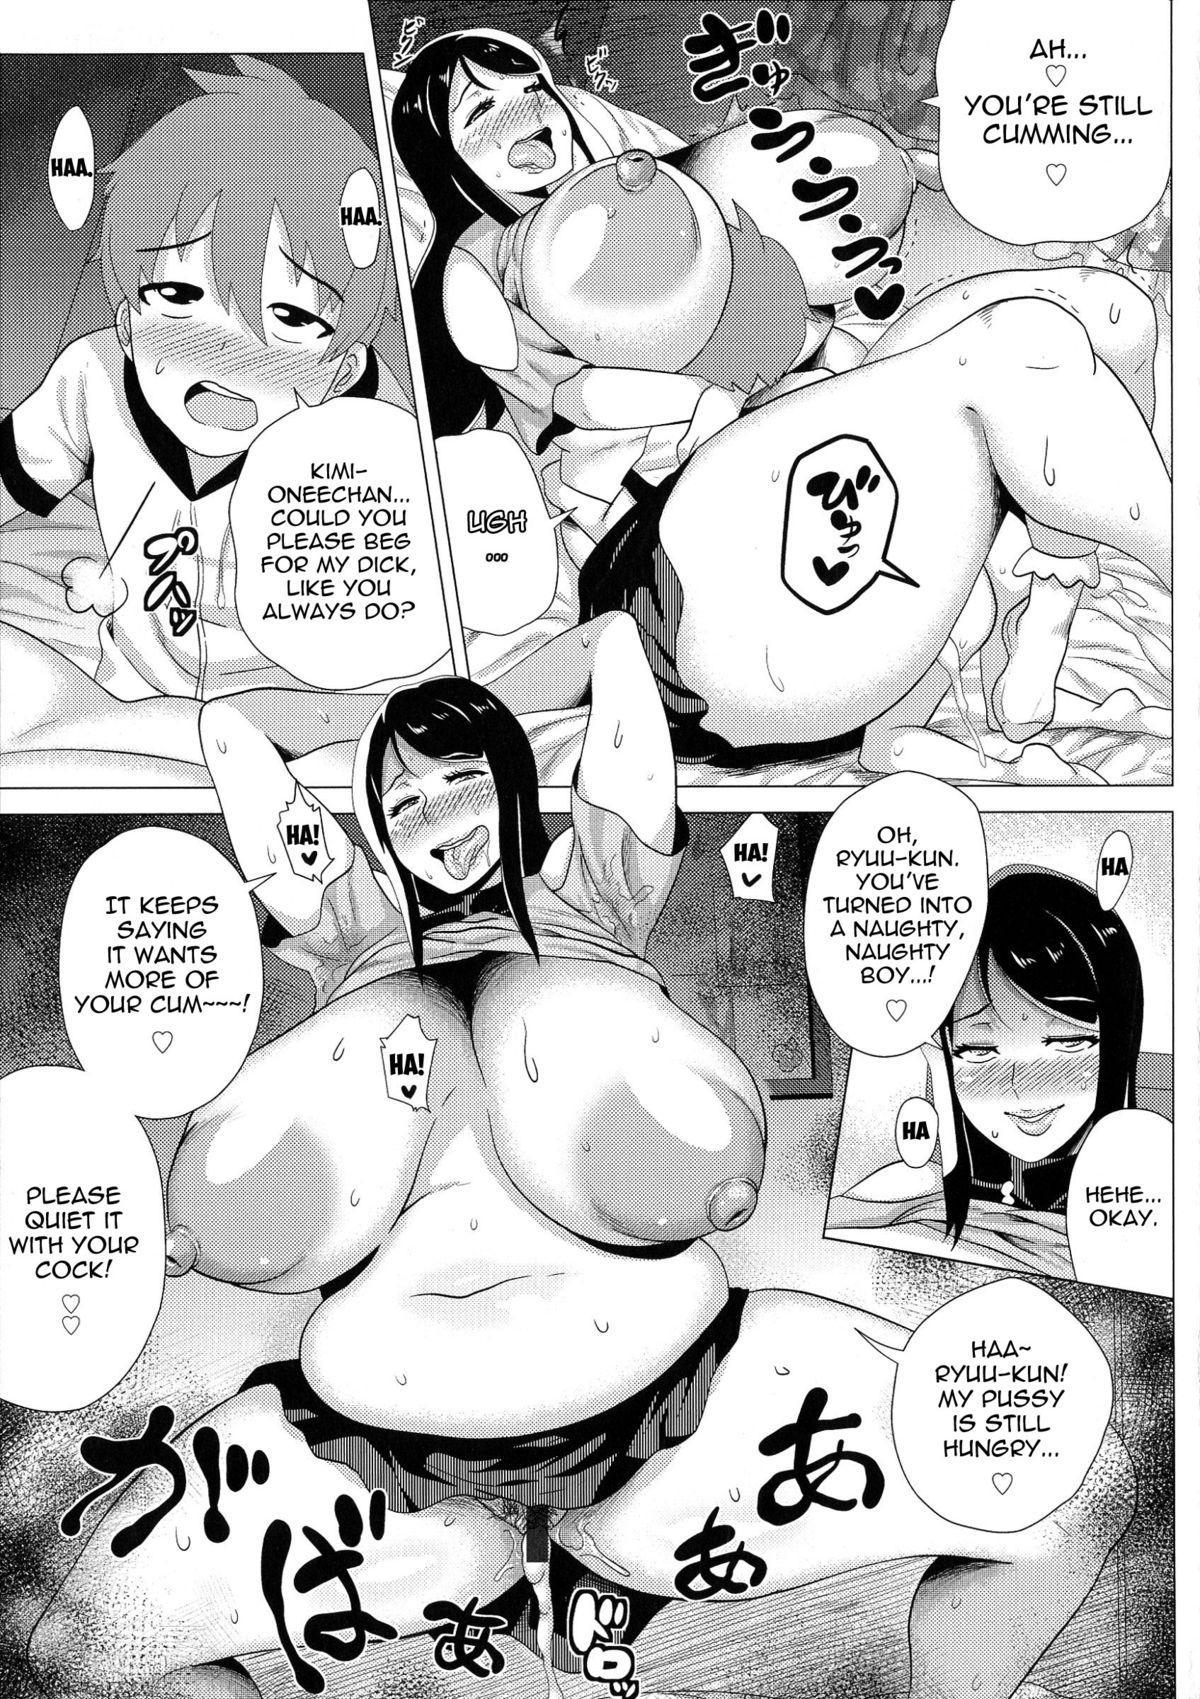 [Yokkora] Megabody Night ~Watashi no Oniku wo Meshiagare~ | Megabody Night ~My voluptuous body & mom love~ [English] {Laruffi + desudesu + EHCOVE} 157